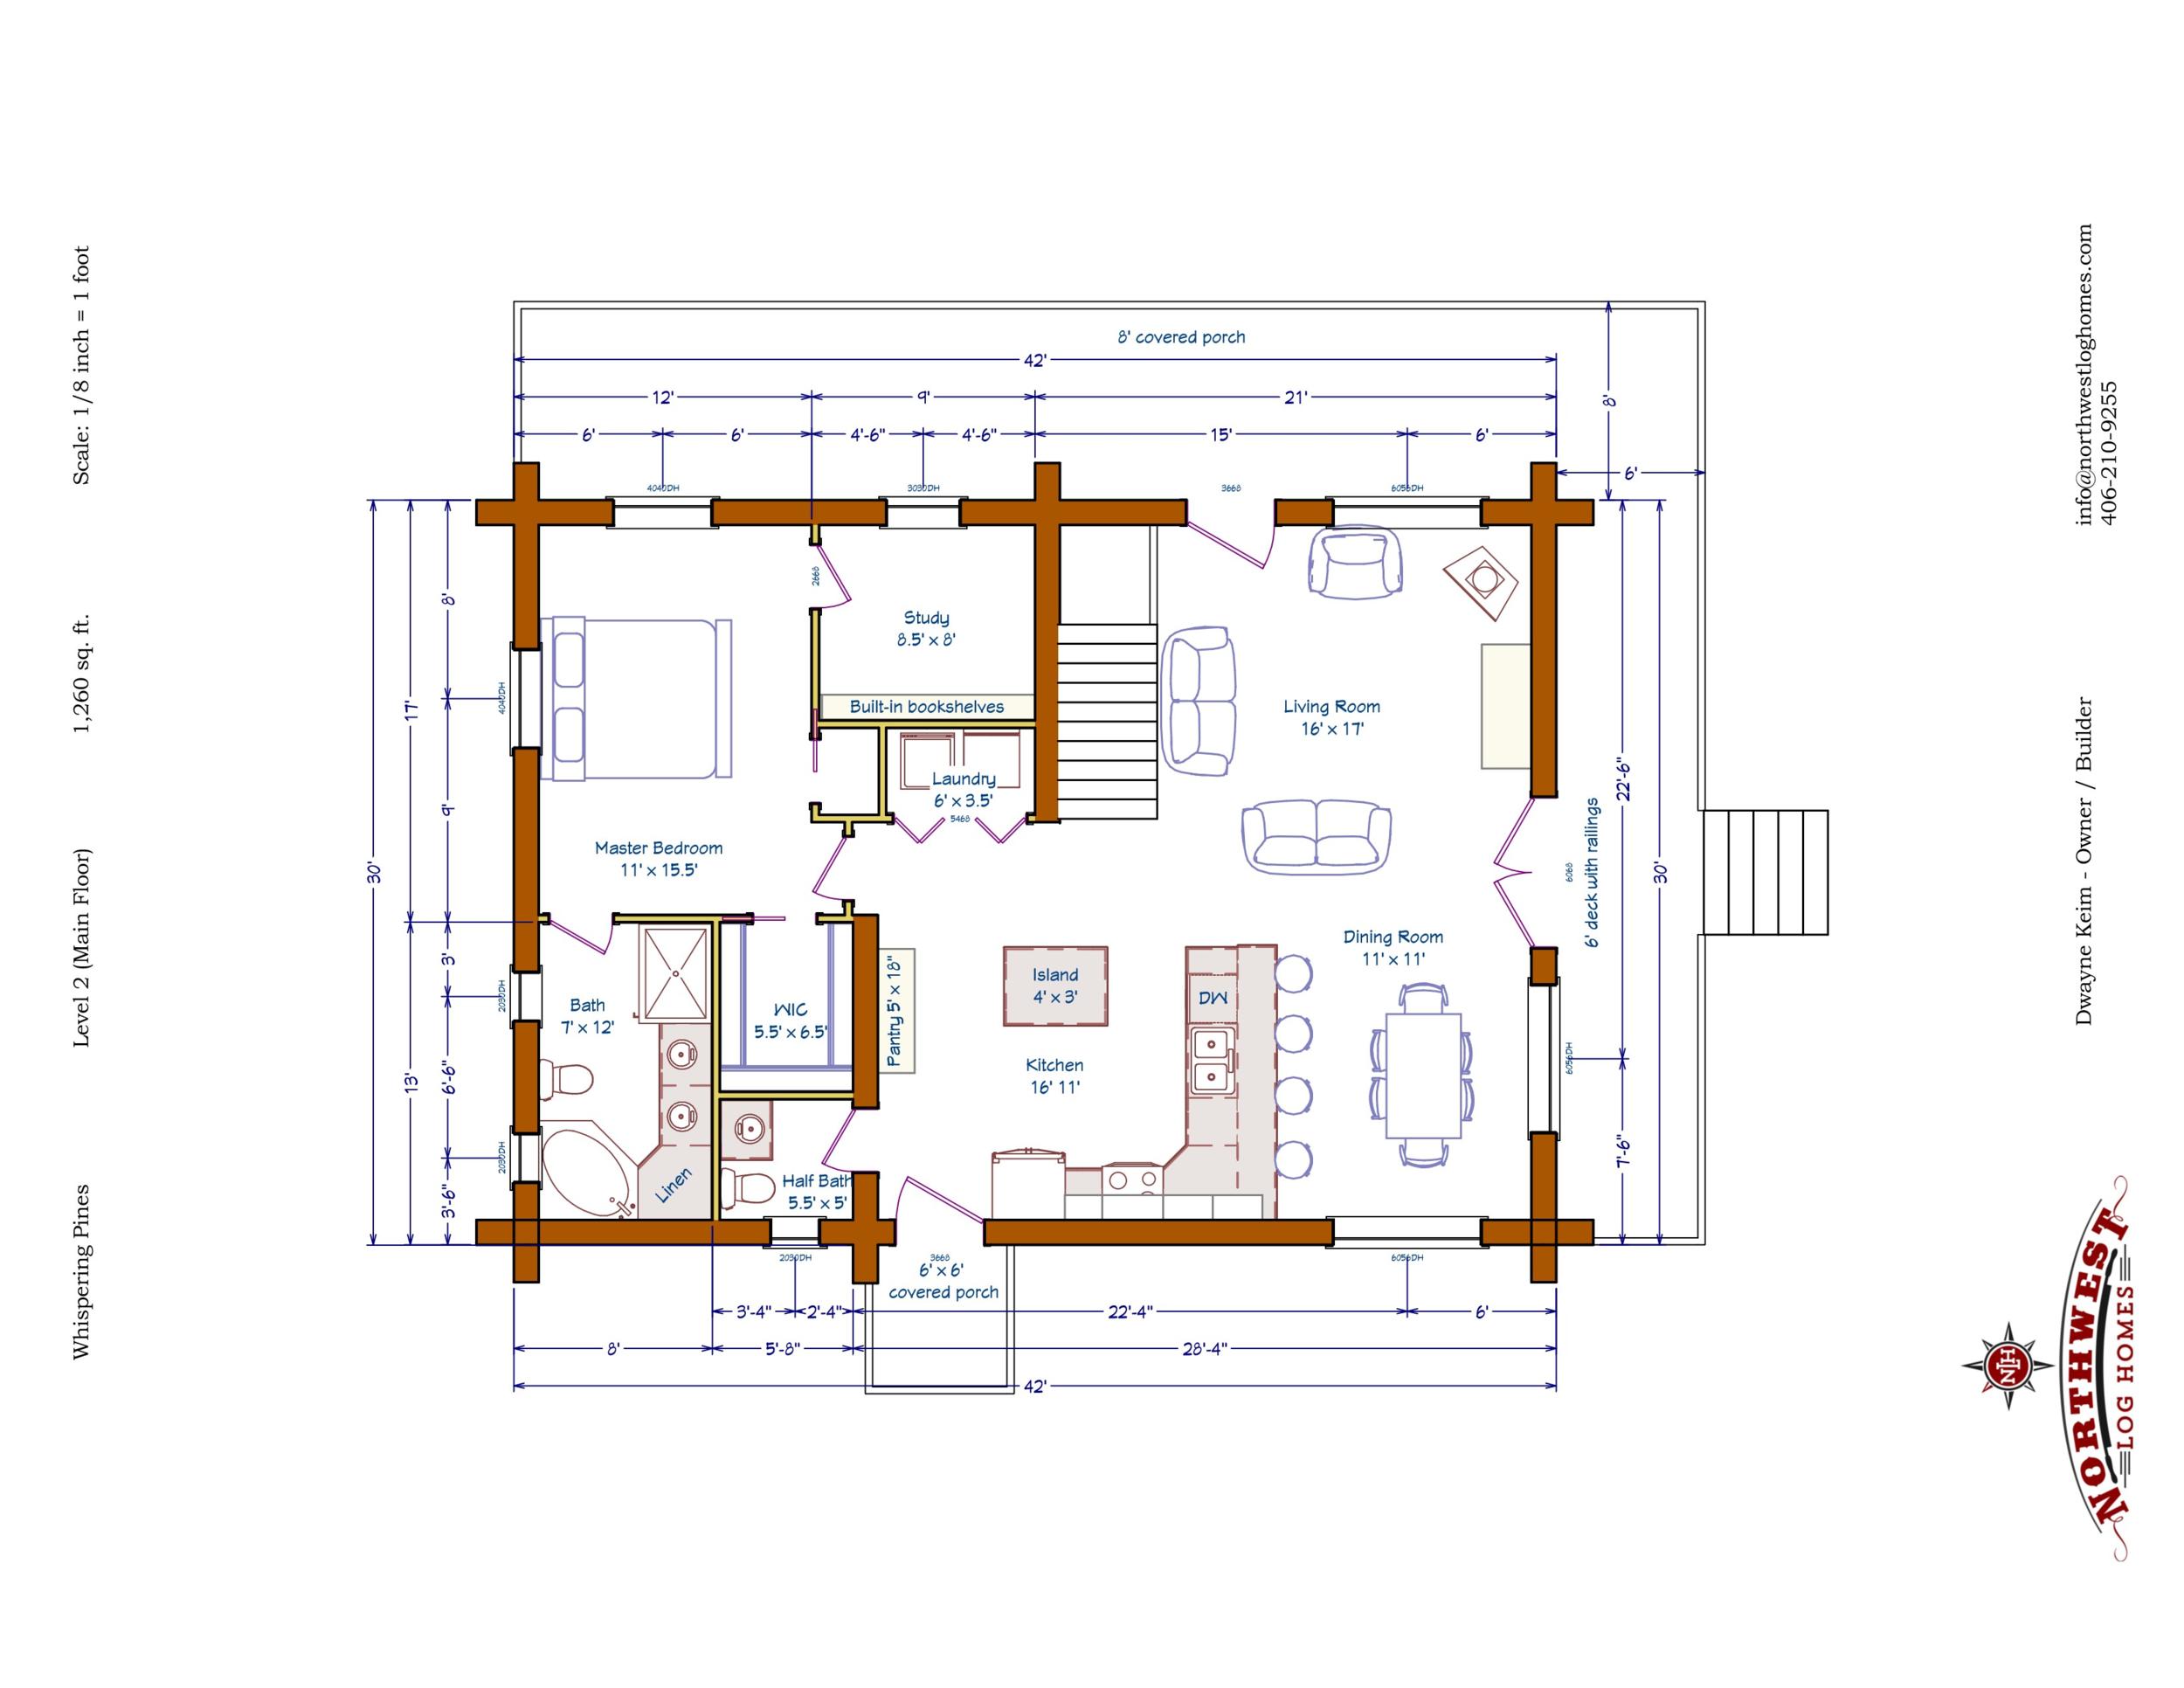 Main Floor - 1,260 sq. ft.